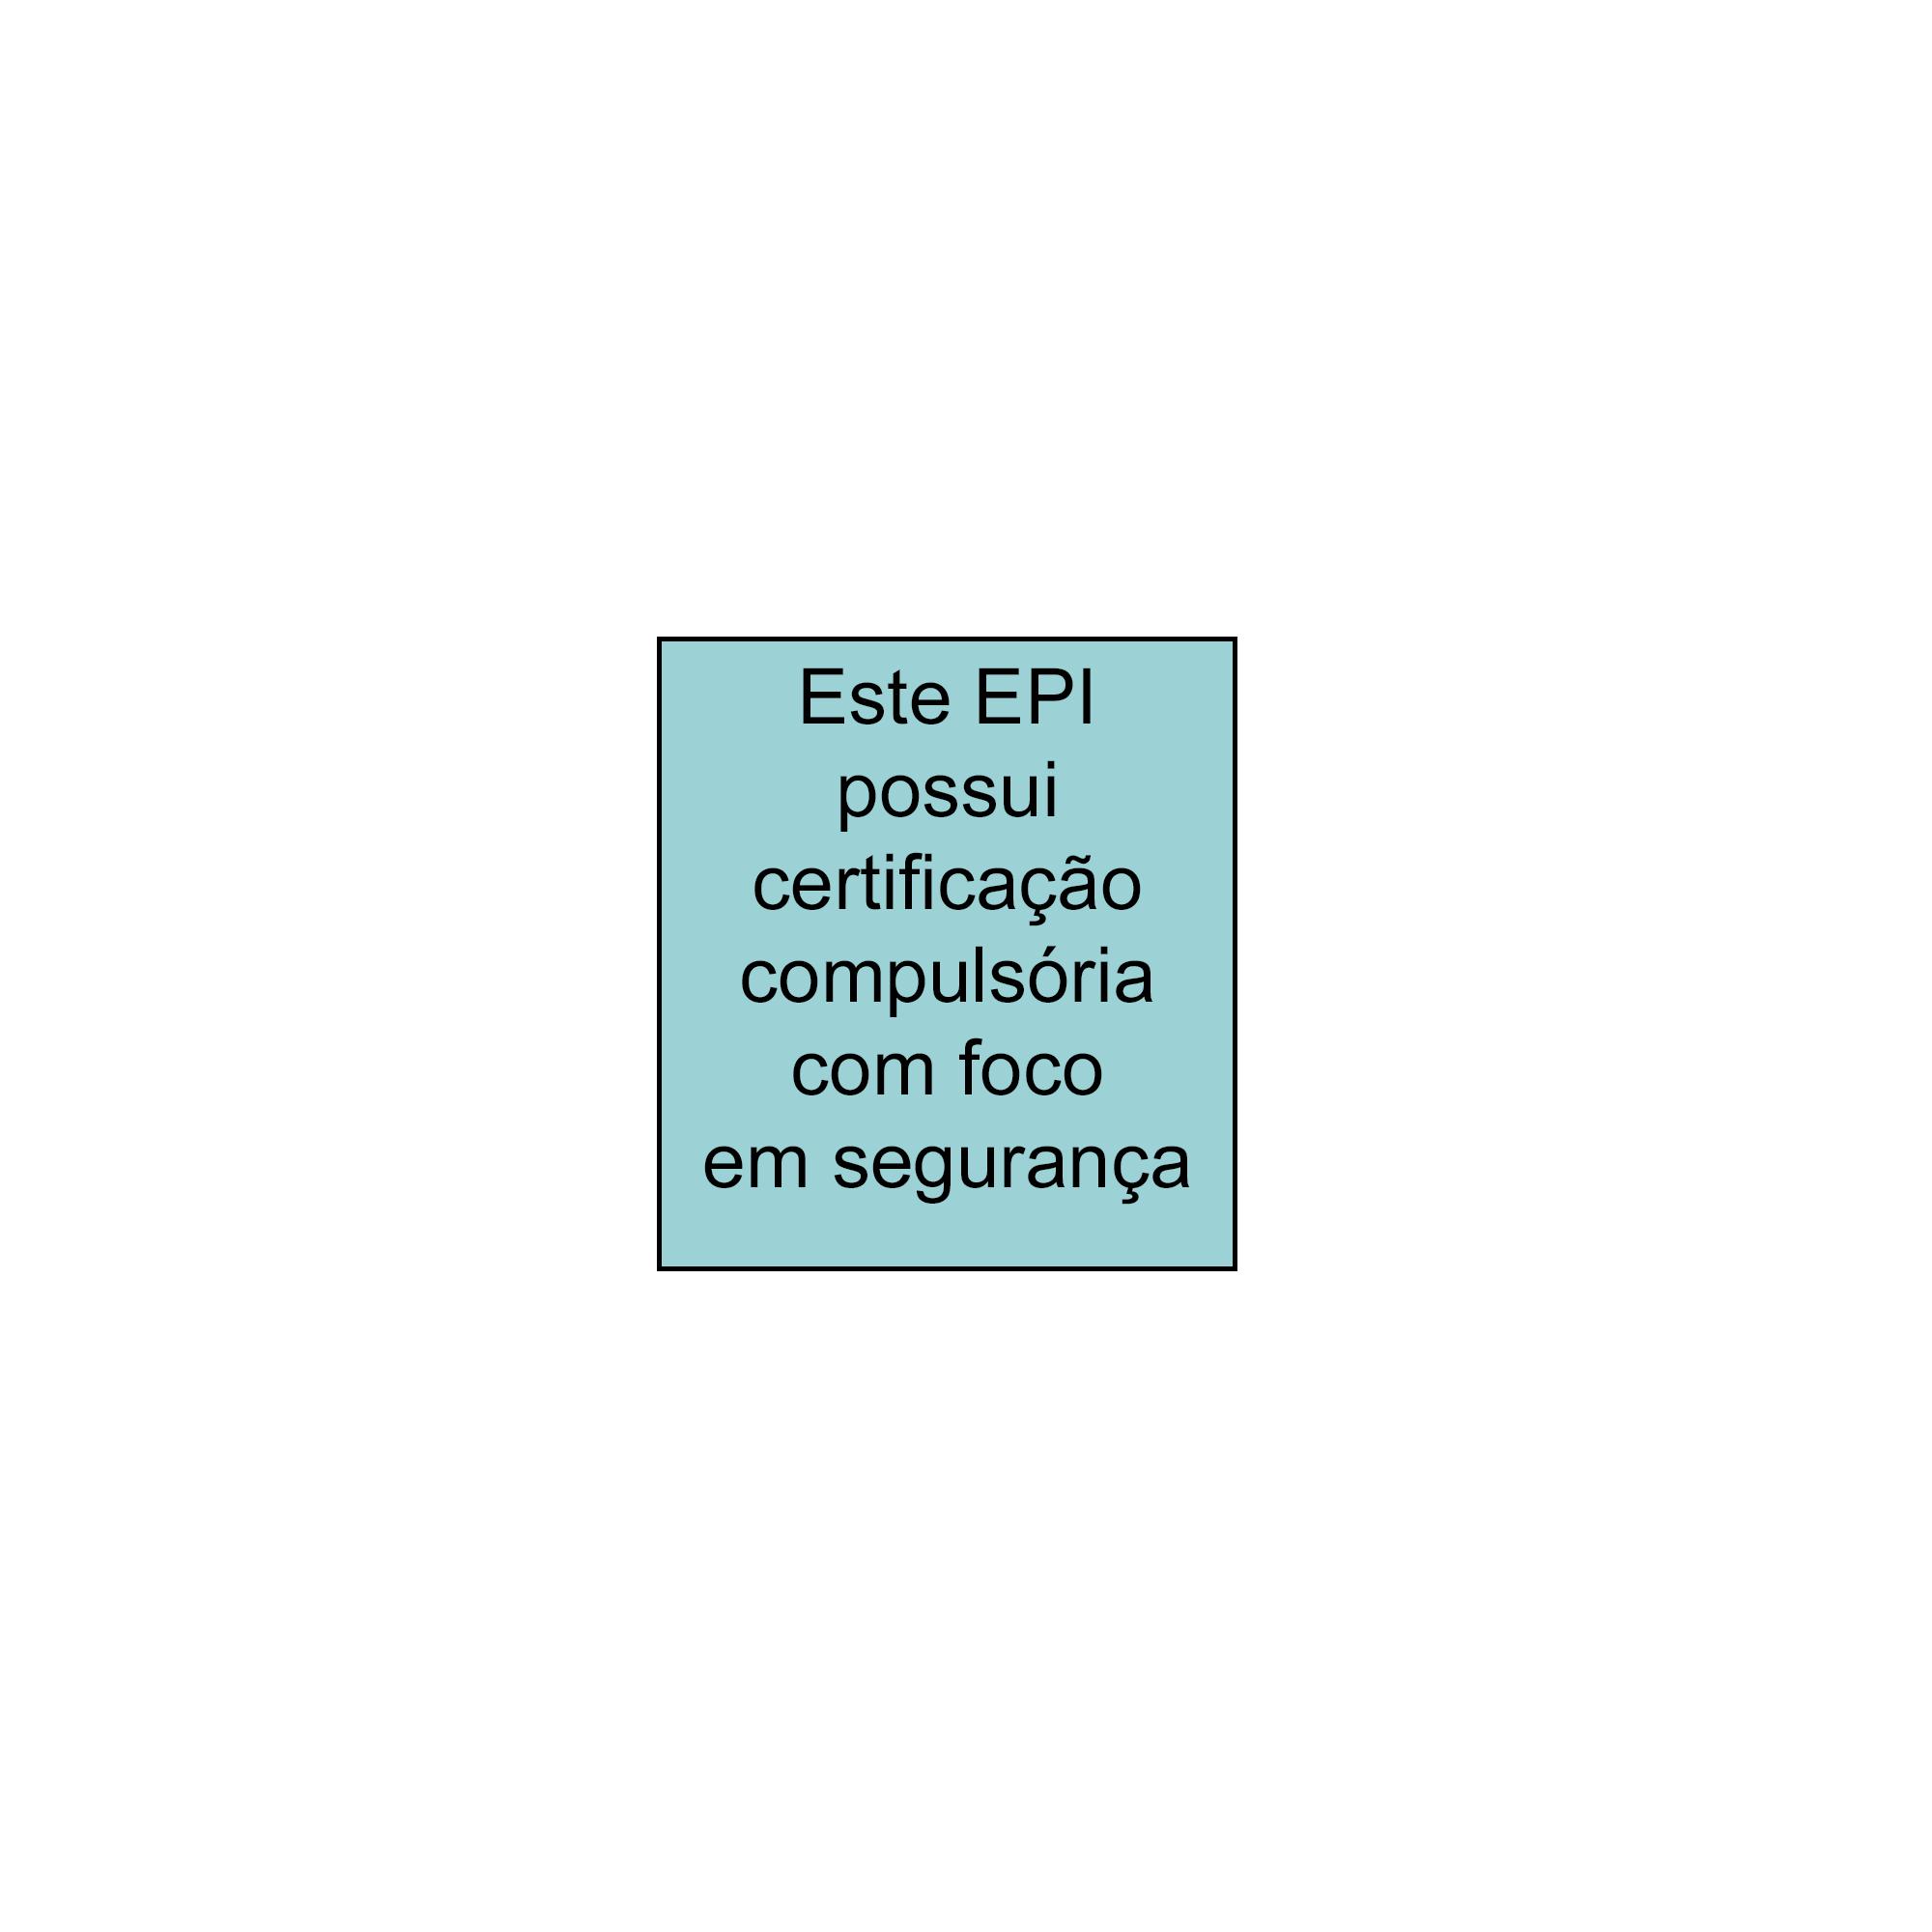 CINTO PARAQUEDISTA COM 7 PONTOS ARGOLAS  ESPAÇO CONFINADO E RESGATE MODELO PQAIR  - DE PAULA EPIS